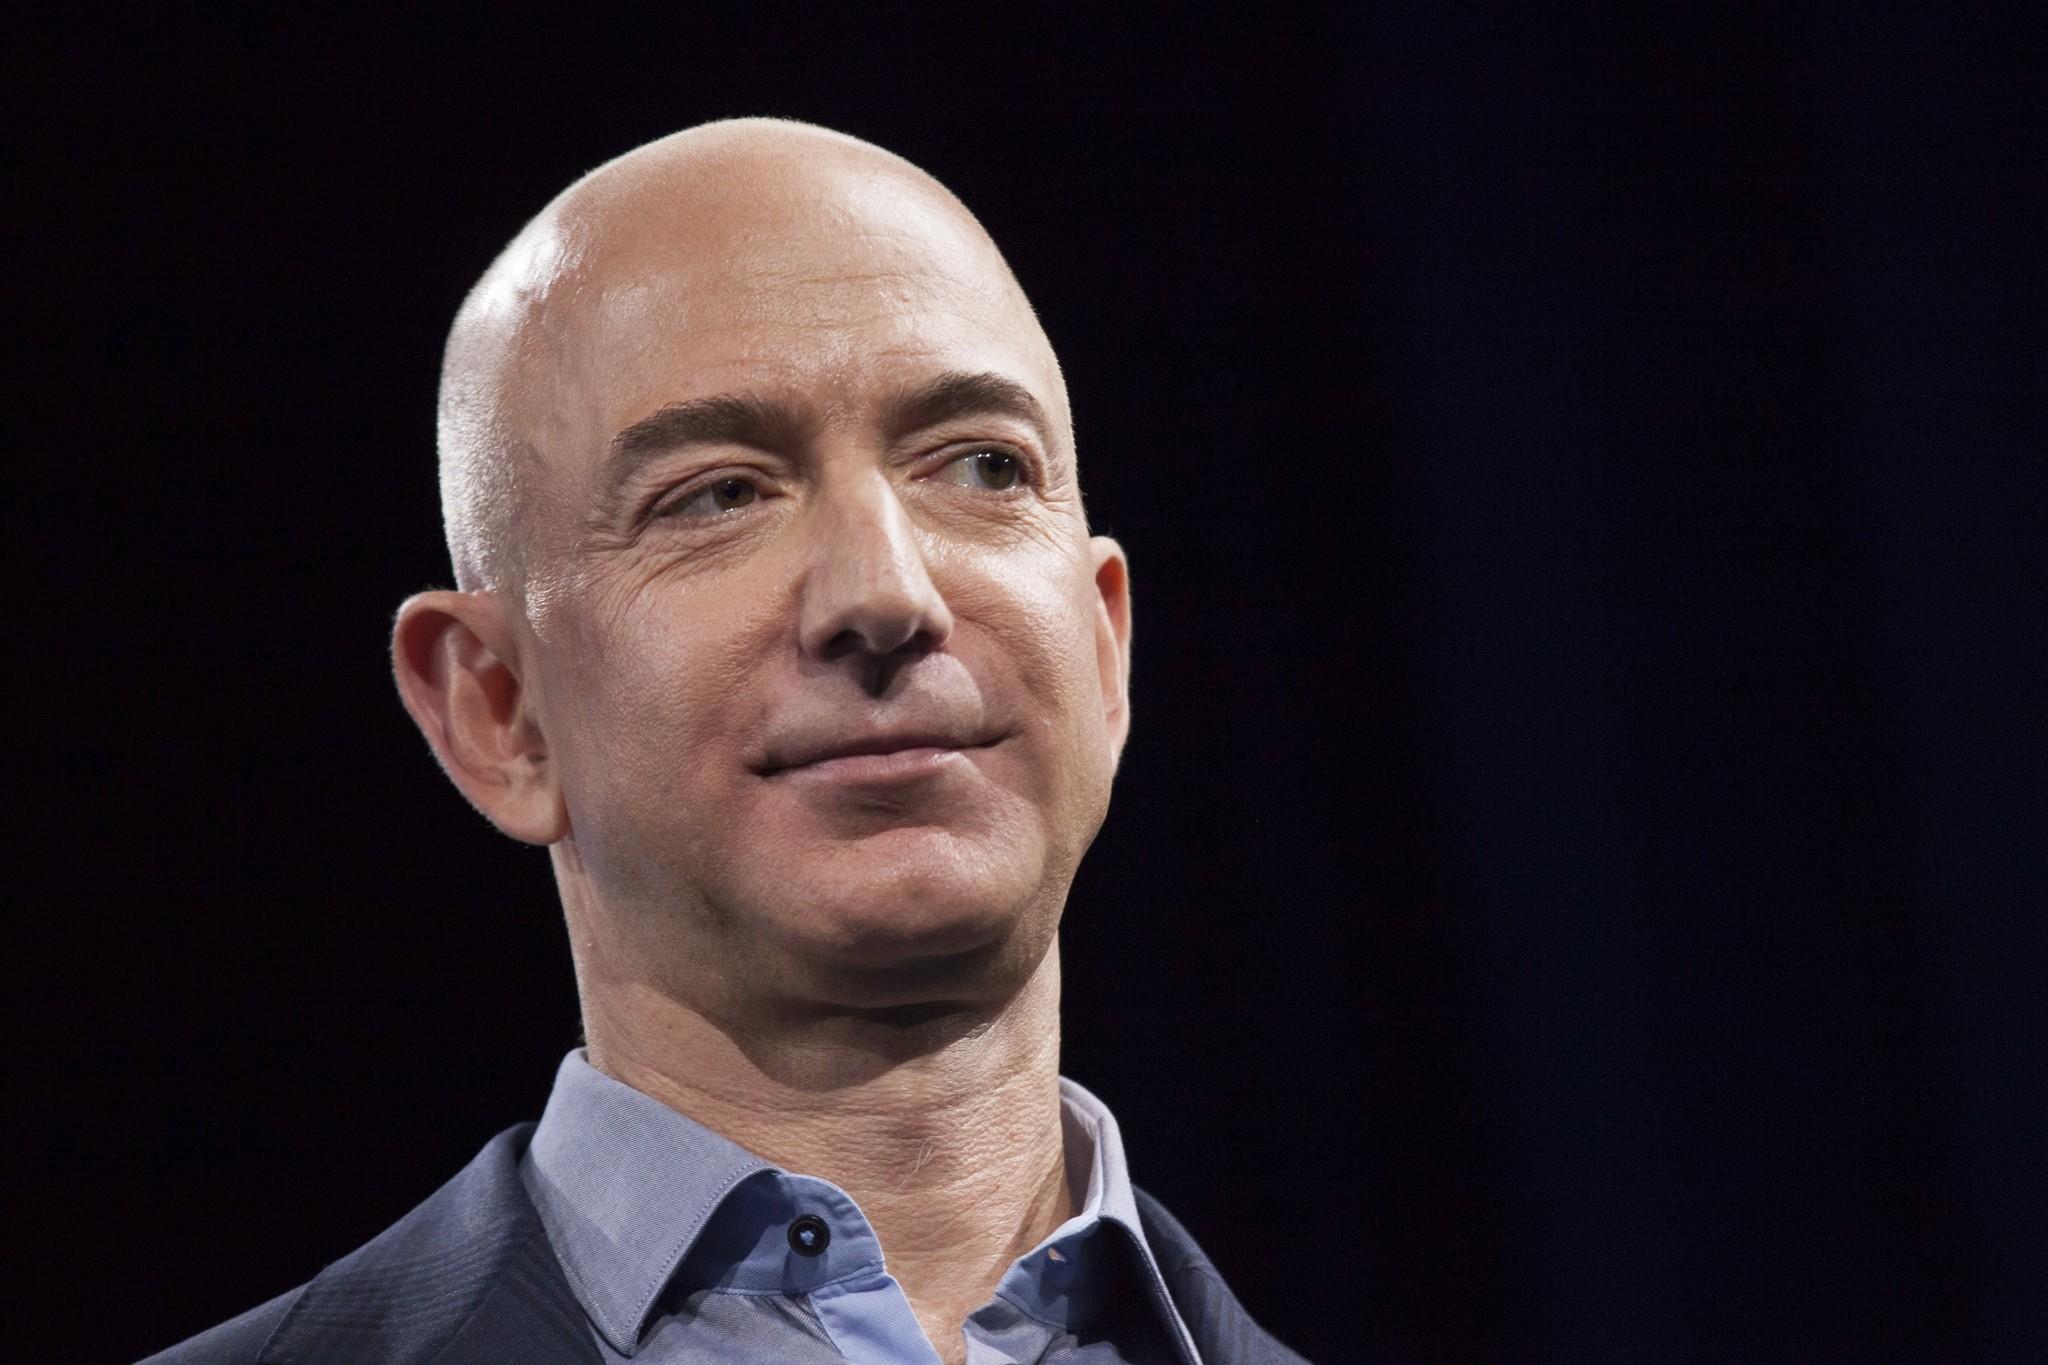 Jeff Bezos says he won't tolerate a 'callous' Amazon workplace - LA